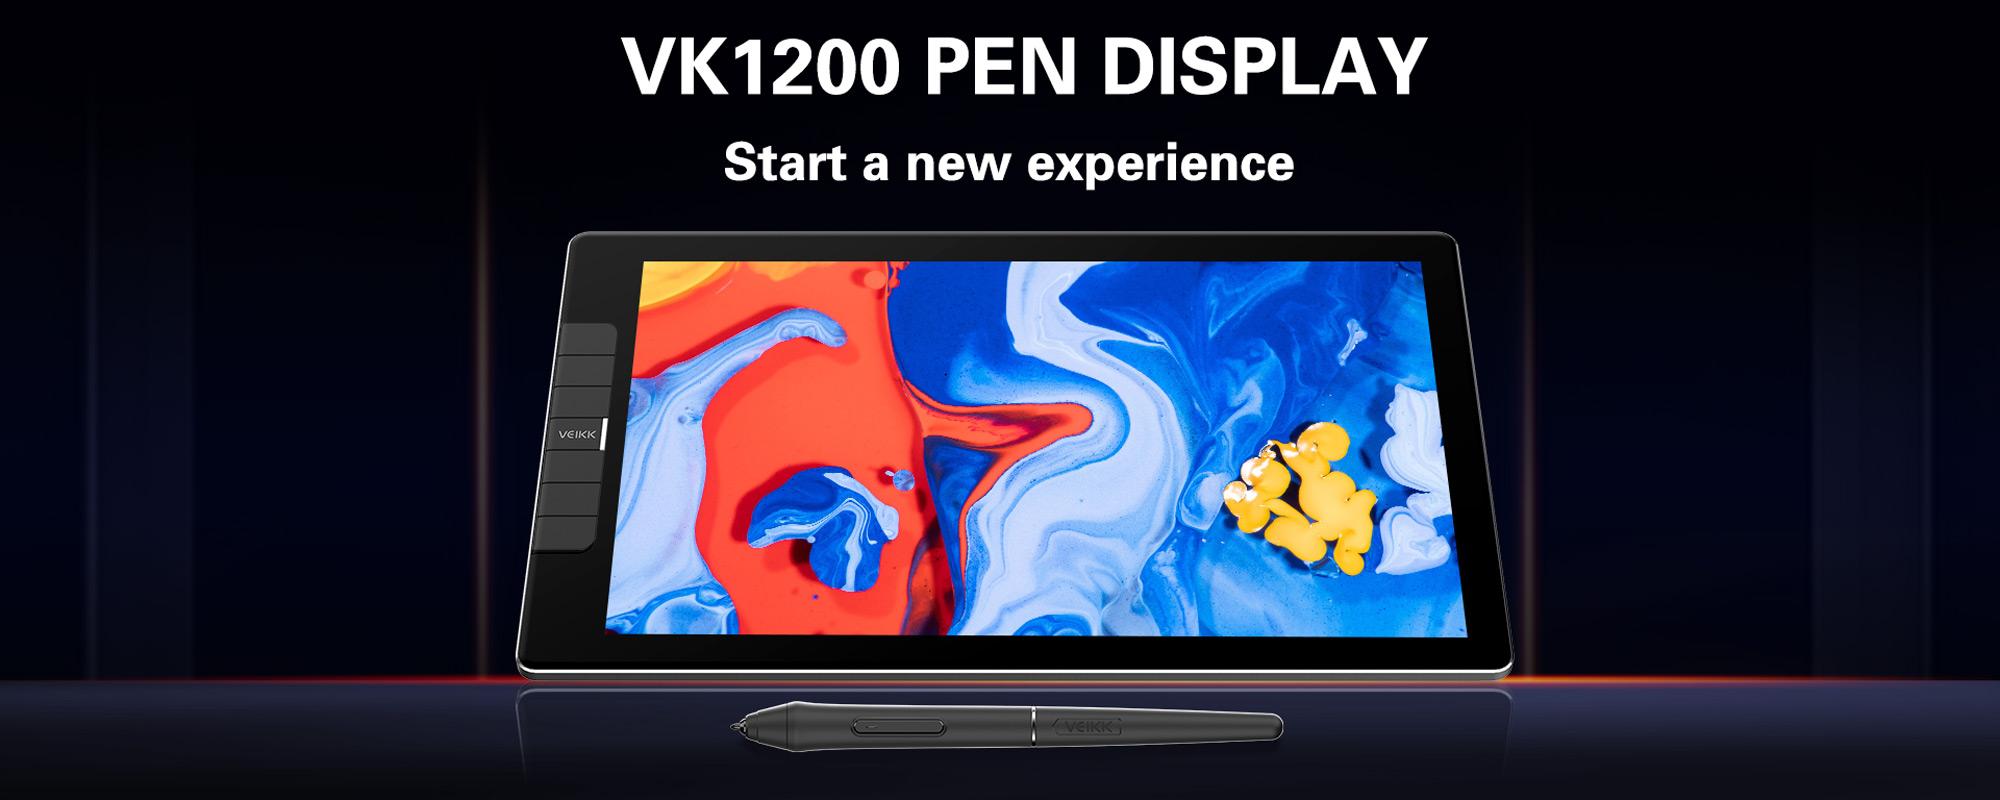 Grafika prezentująca Tablet graficzny z ekranem LCD Veikk VK1200 oraz piórko na czarnym tle